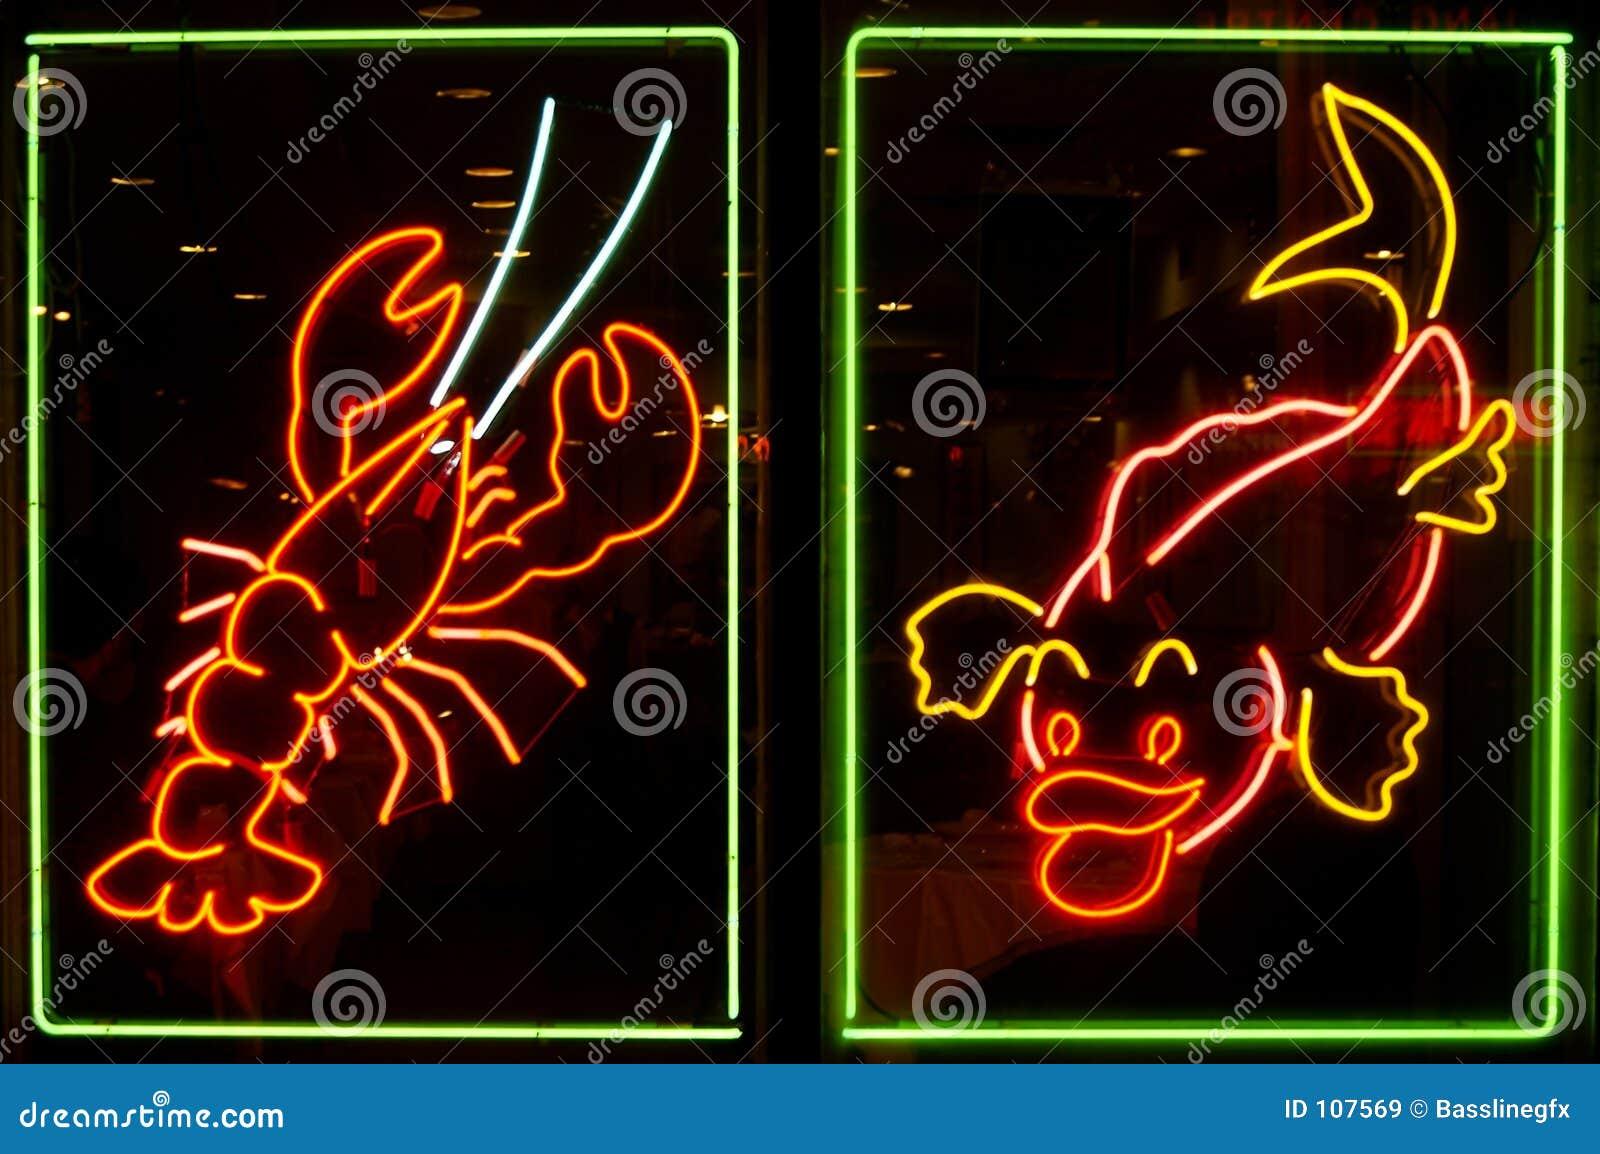 Lights neon